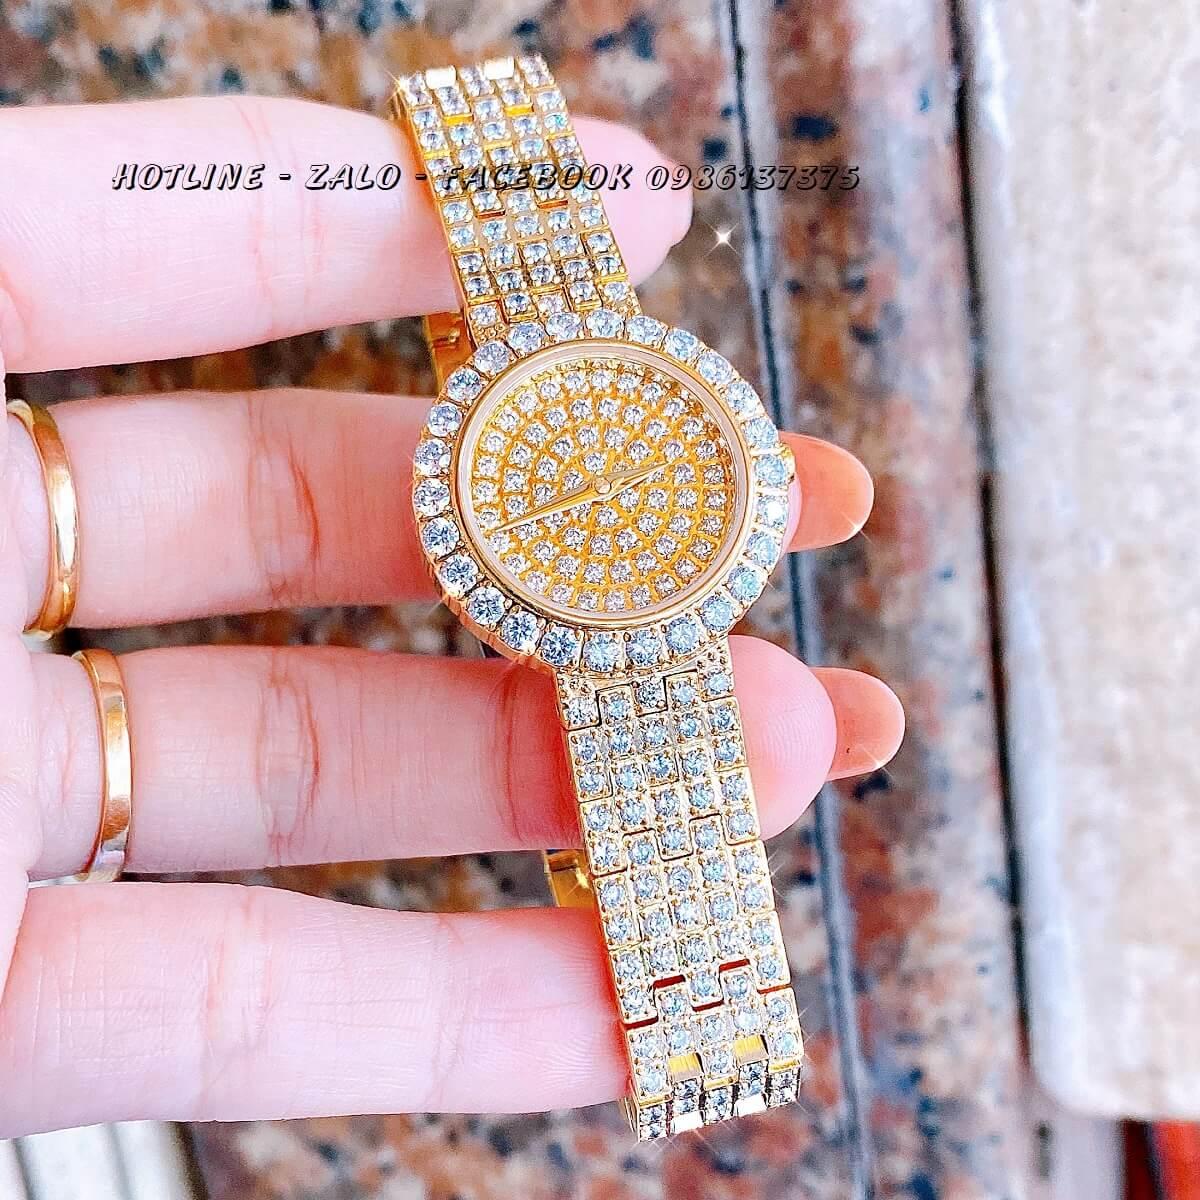 Đồng Hồ Piaget Nữ Đính Xoàn Gold 26mm